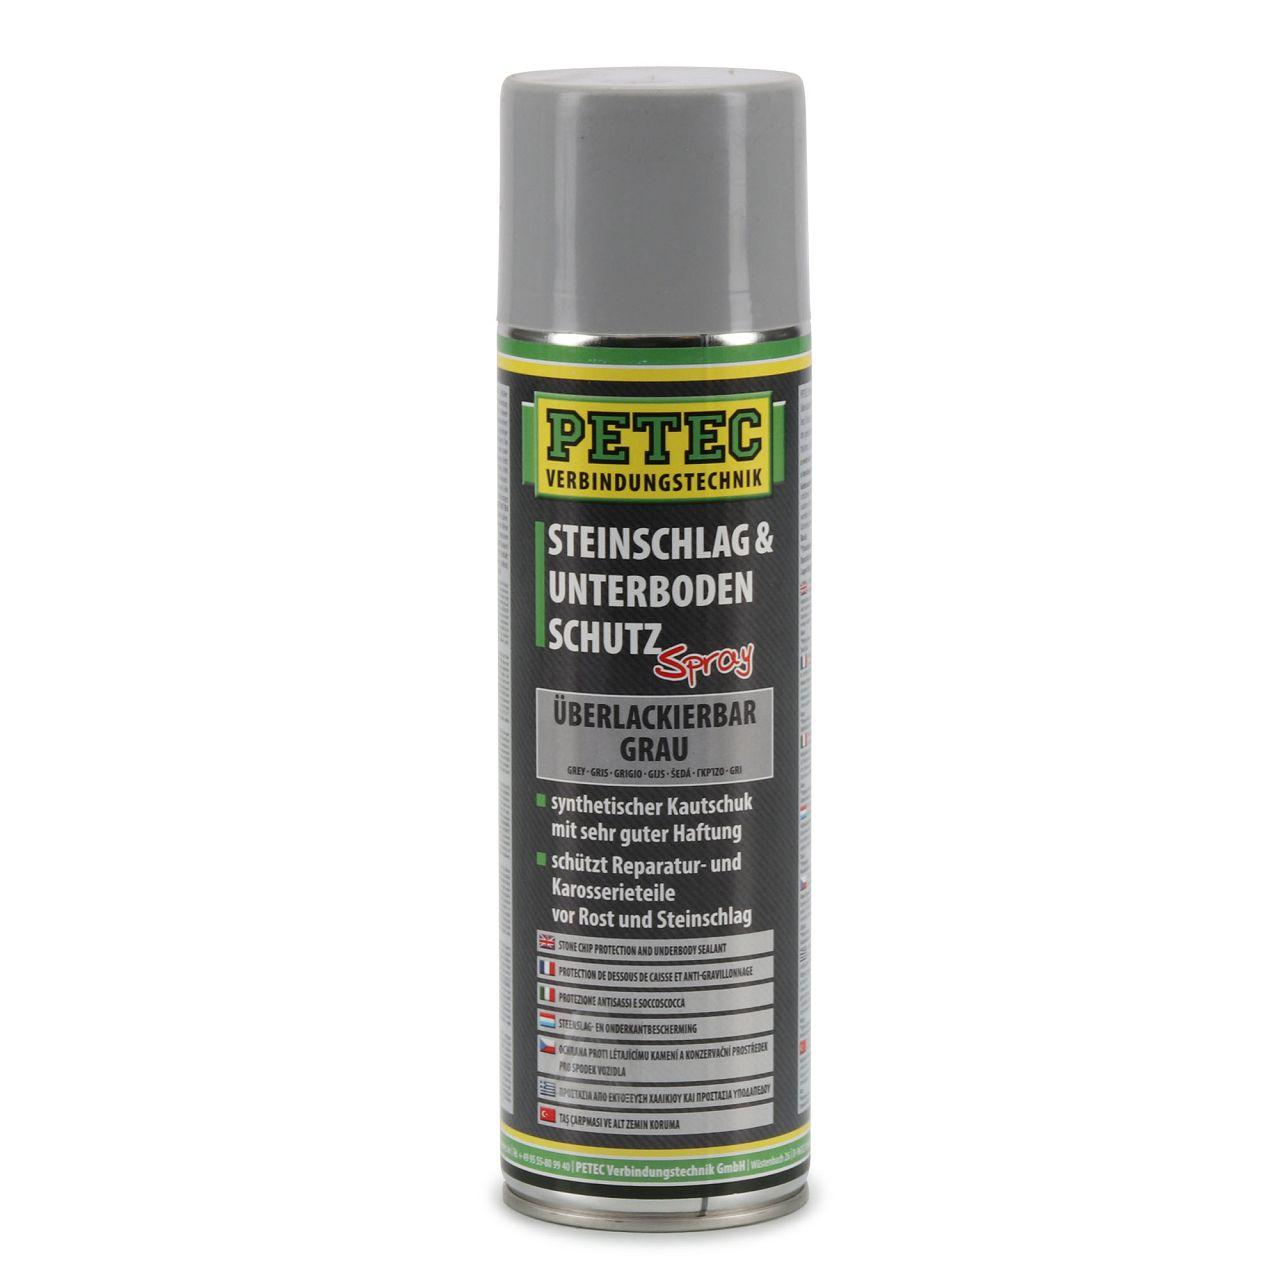 PETEC 73350 Steinschlagschutz Unterbodenschutz Karosserieschutz Spray Grau 500ml